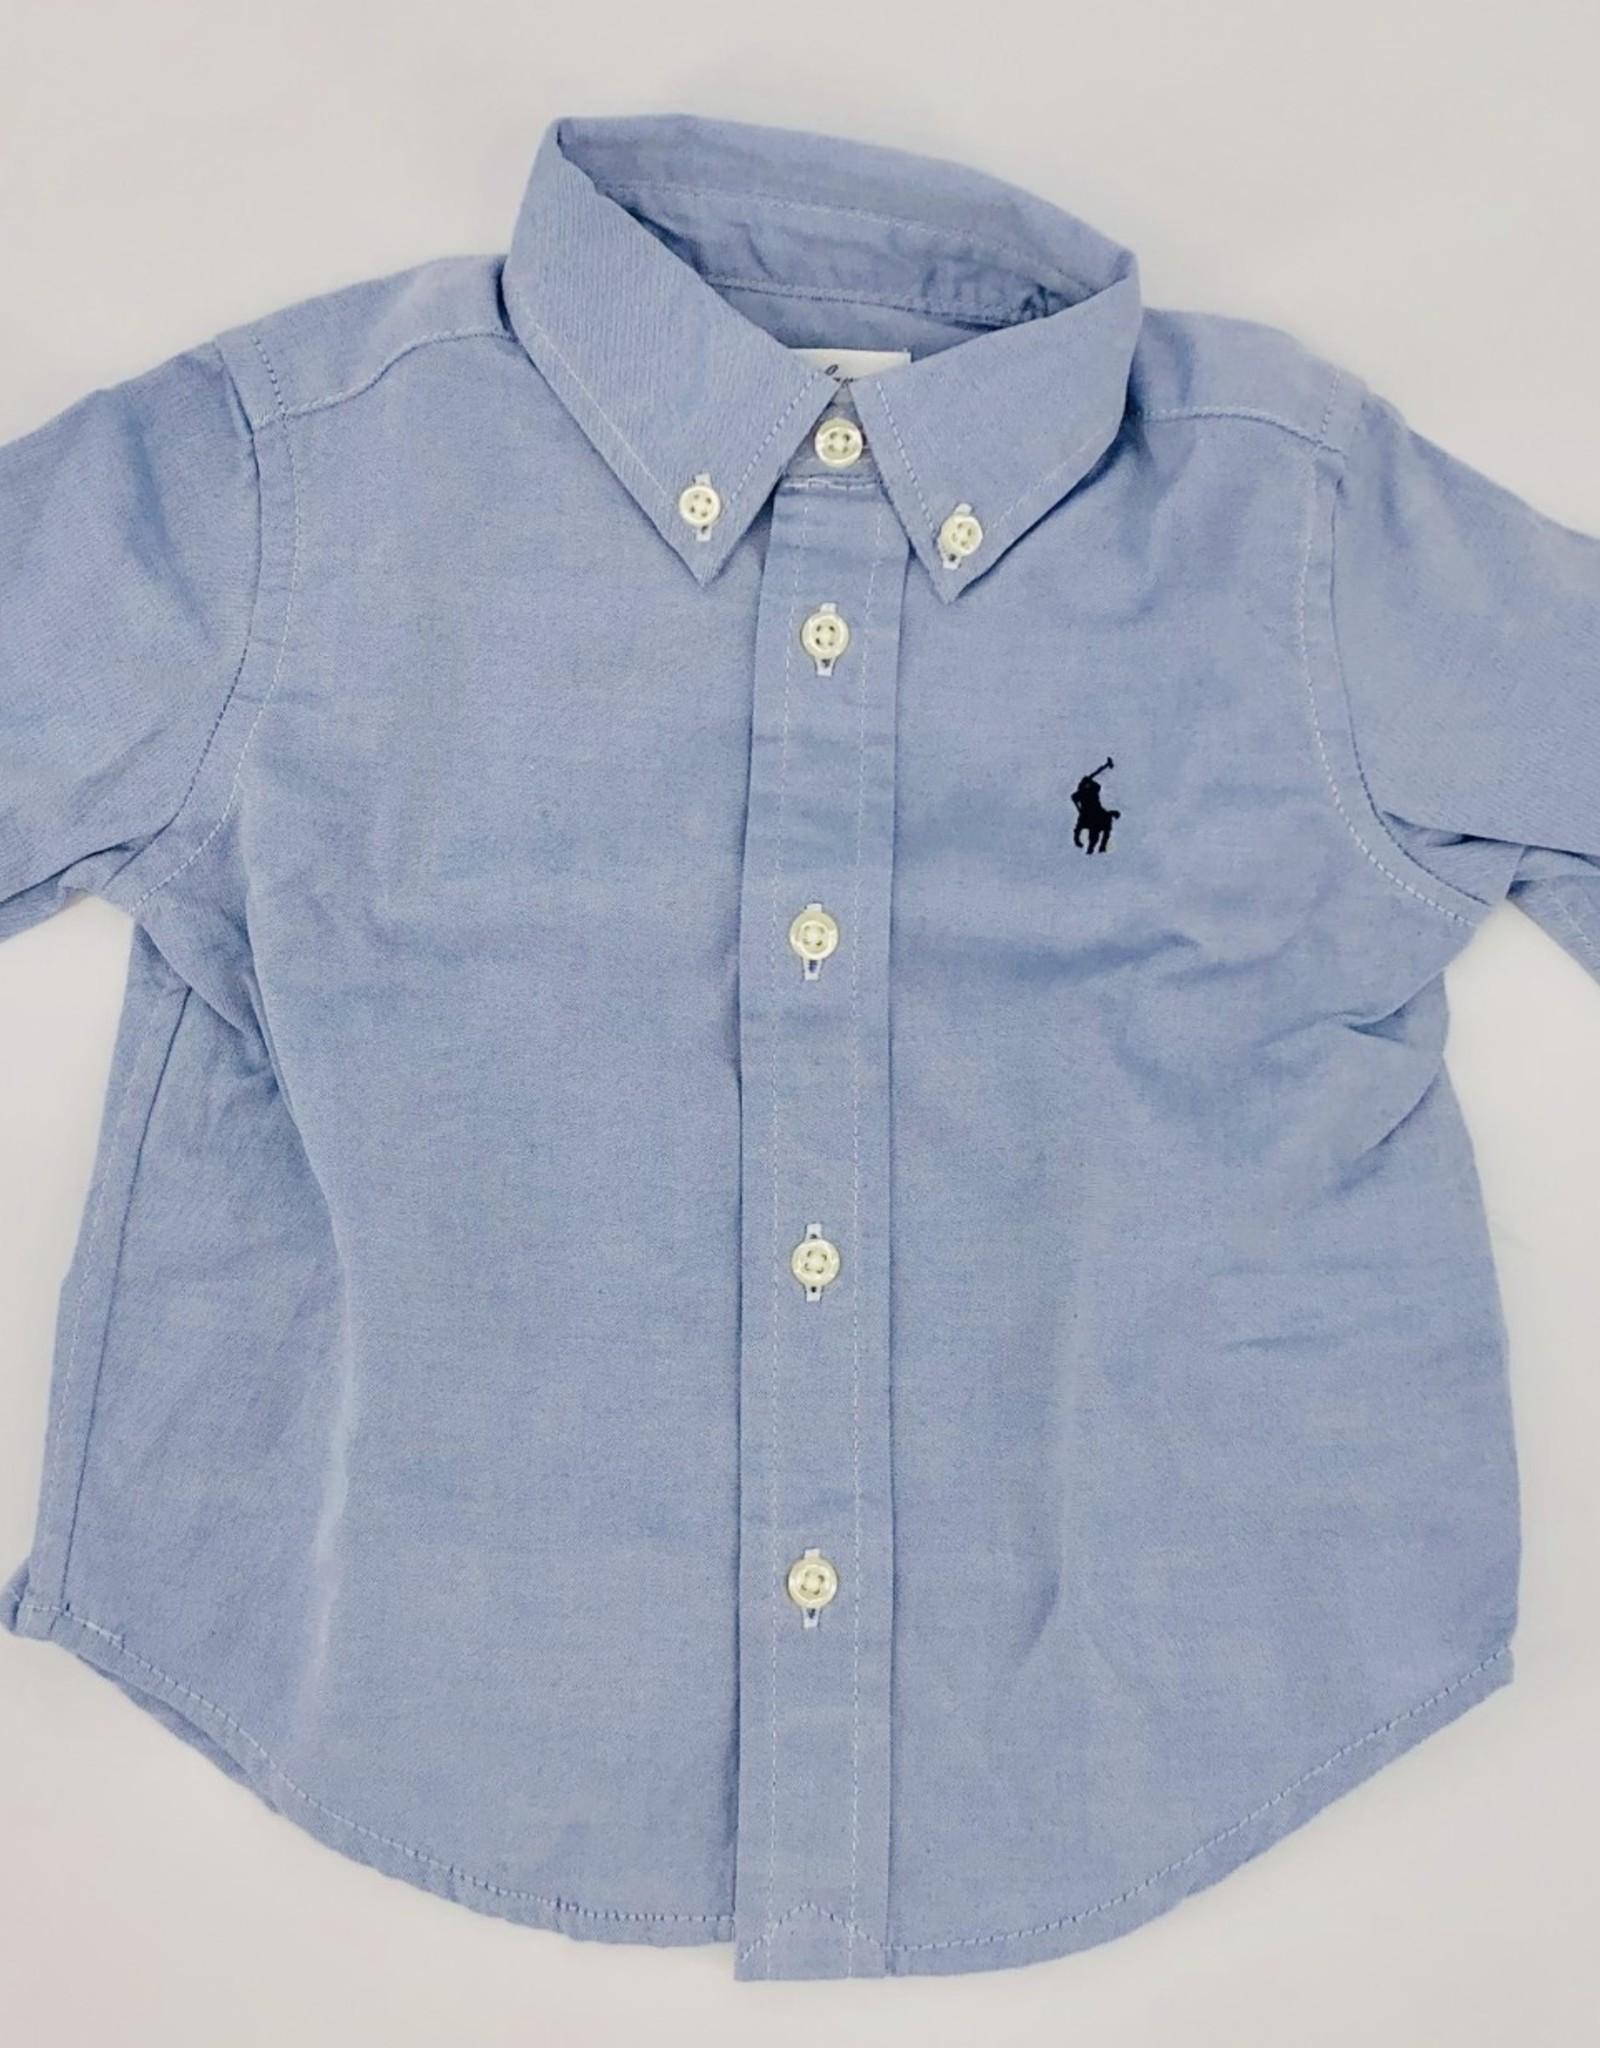 RALPH LAUREN RALPH LAUREN Hemd lichtblauw